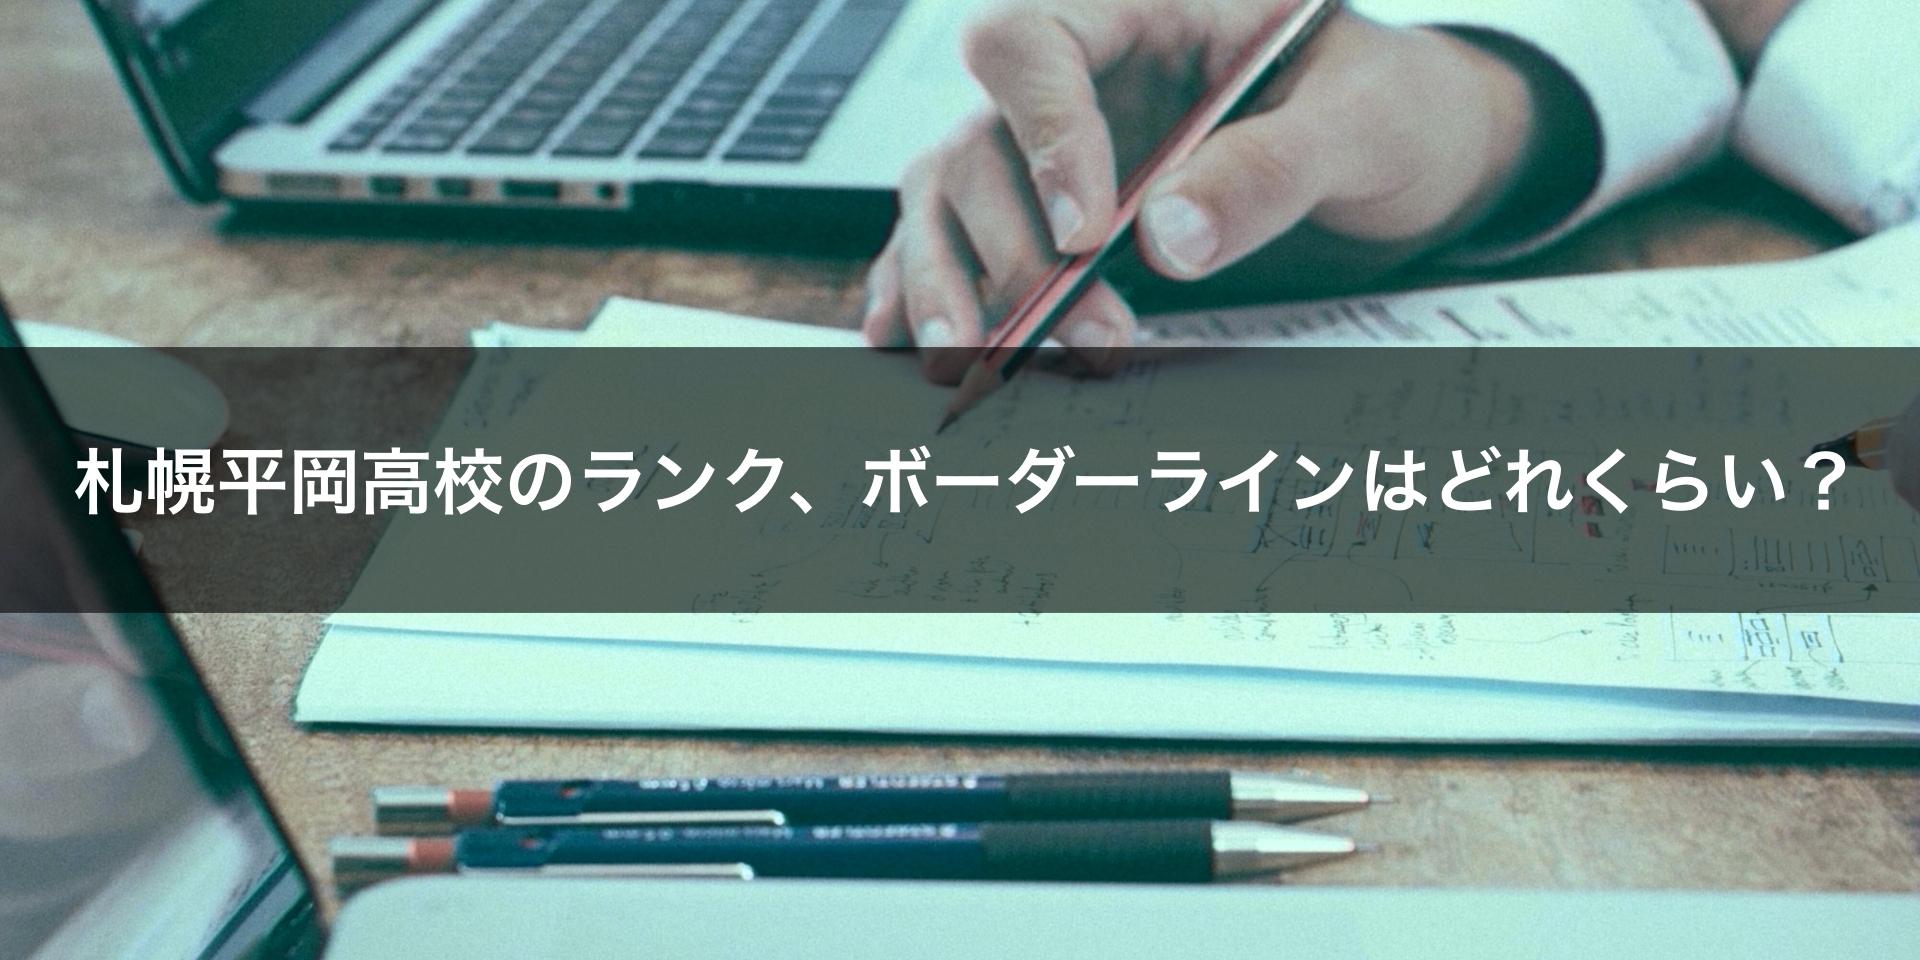 札幌平岡高校のランク、ボーダーラインはどれくらい?